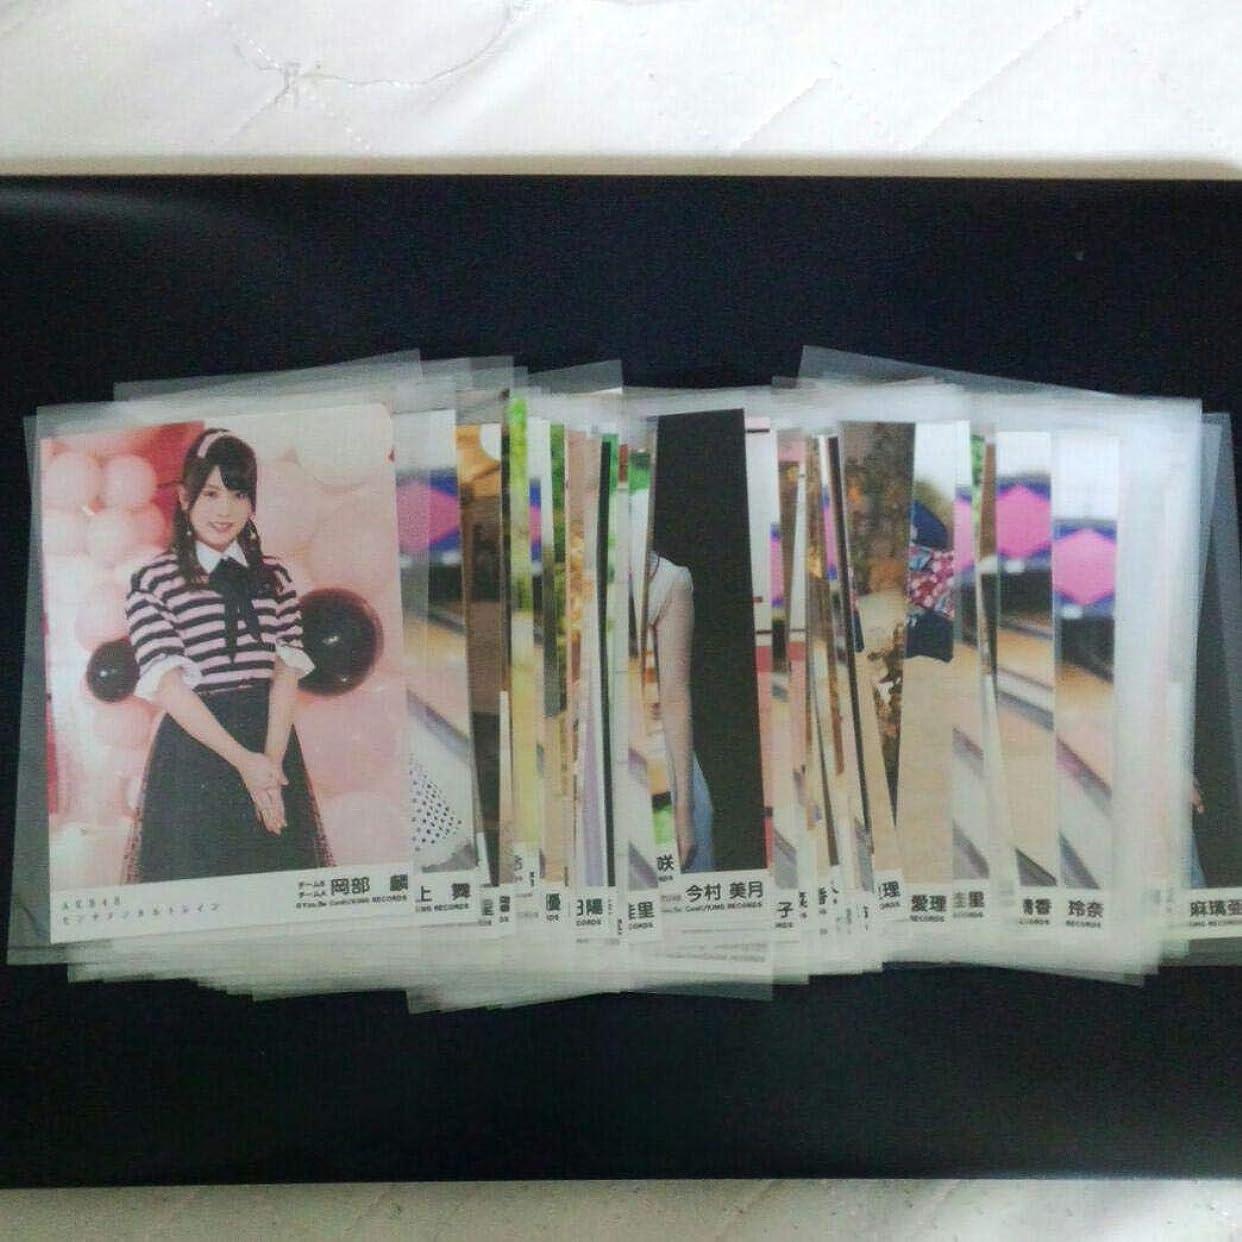 ボス嬉しいです文献AKB48 センチメンタルトレイン 生写真 まとめ売り